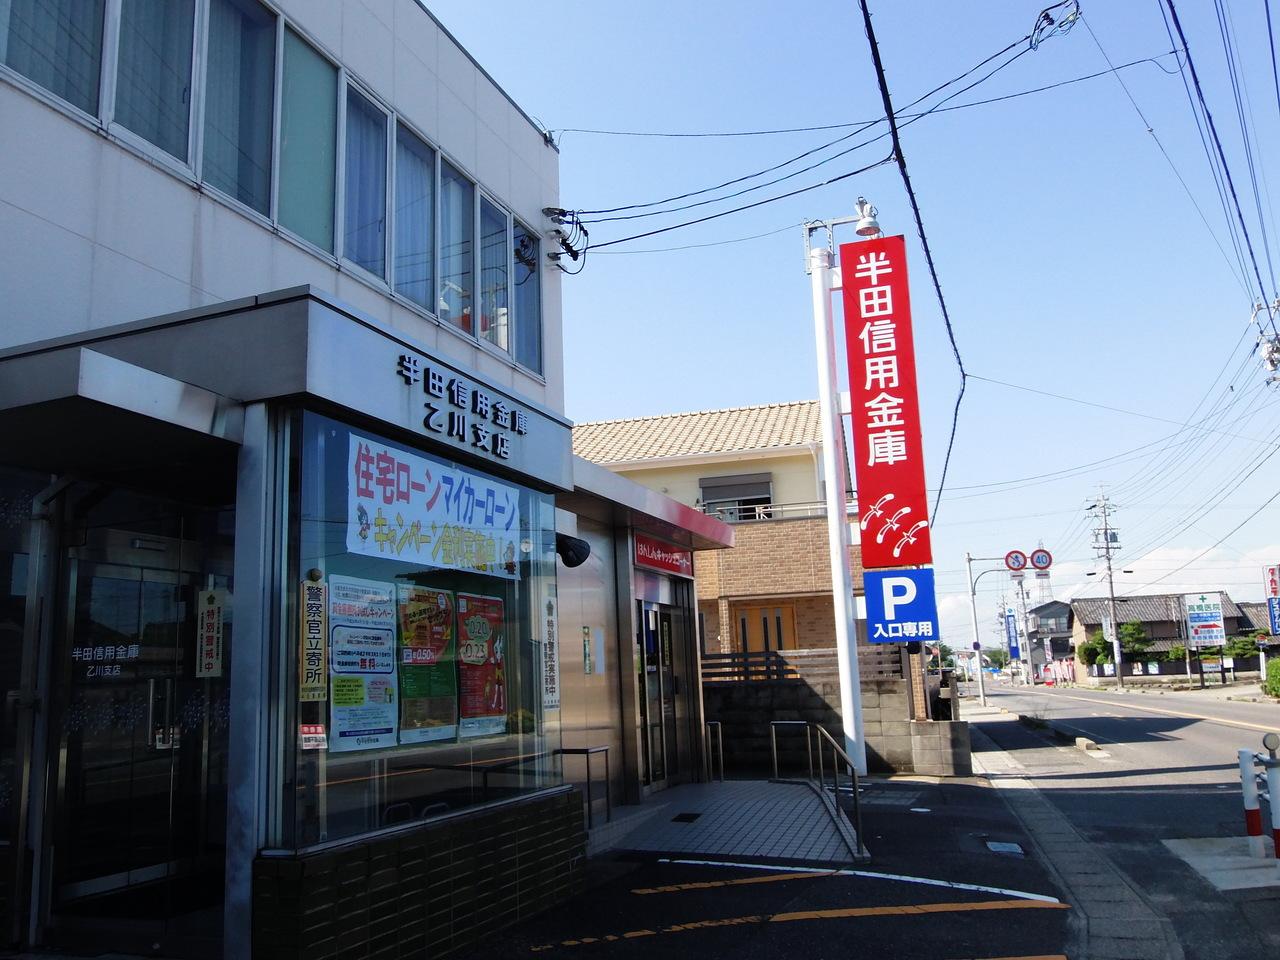 銀行徒歩7分(約500m)